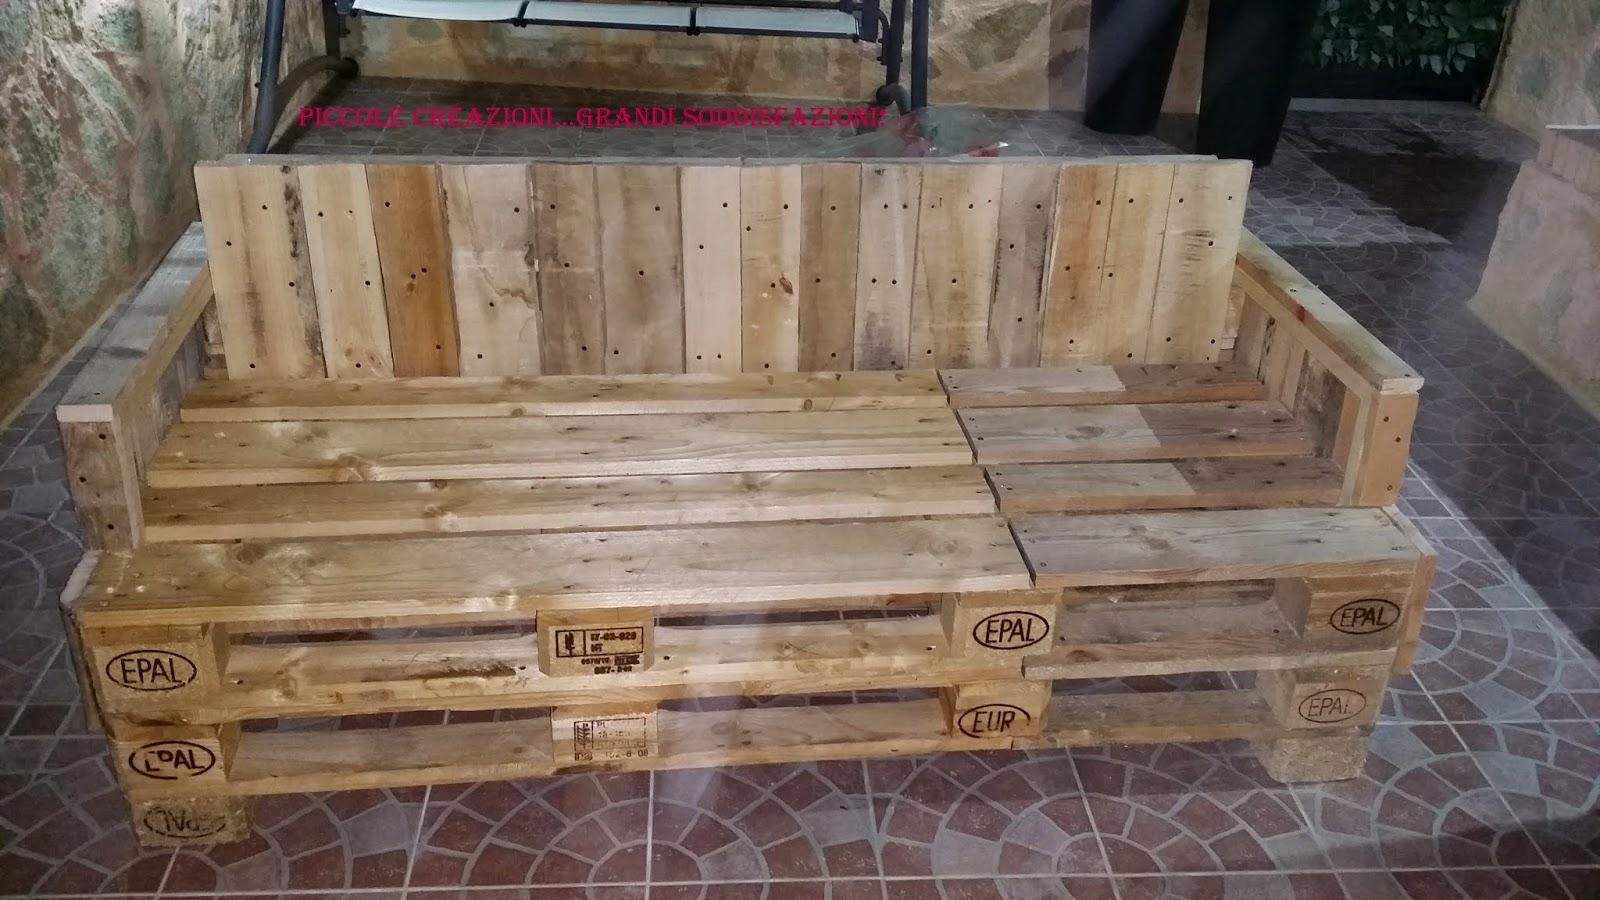 Tavolo Da Lavoro Con Bancali : Panche da giardino con pedane epal fatte in casa mobili fai da te